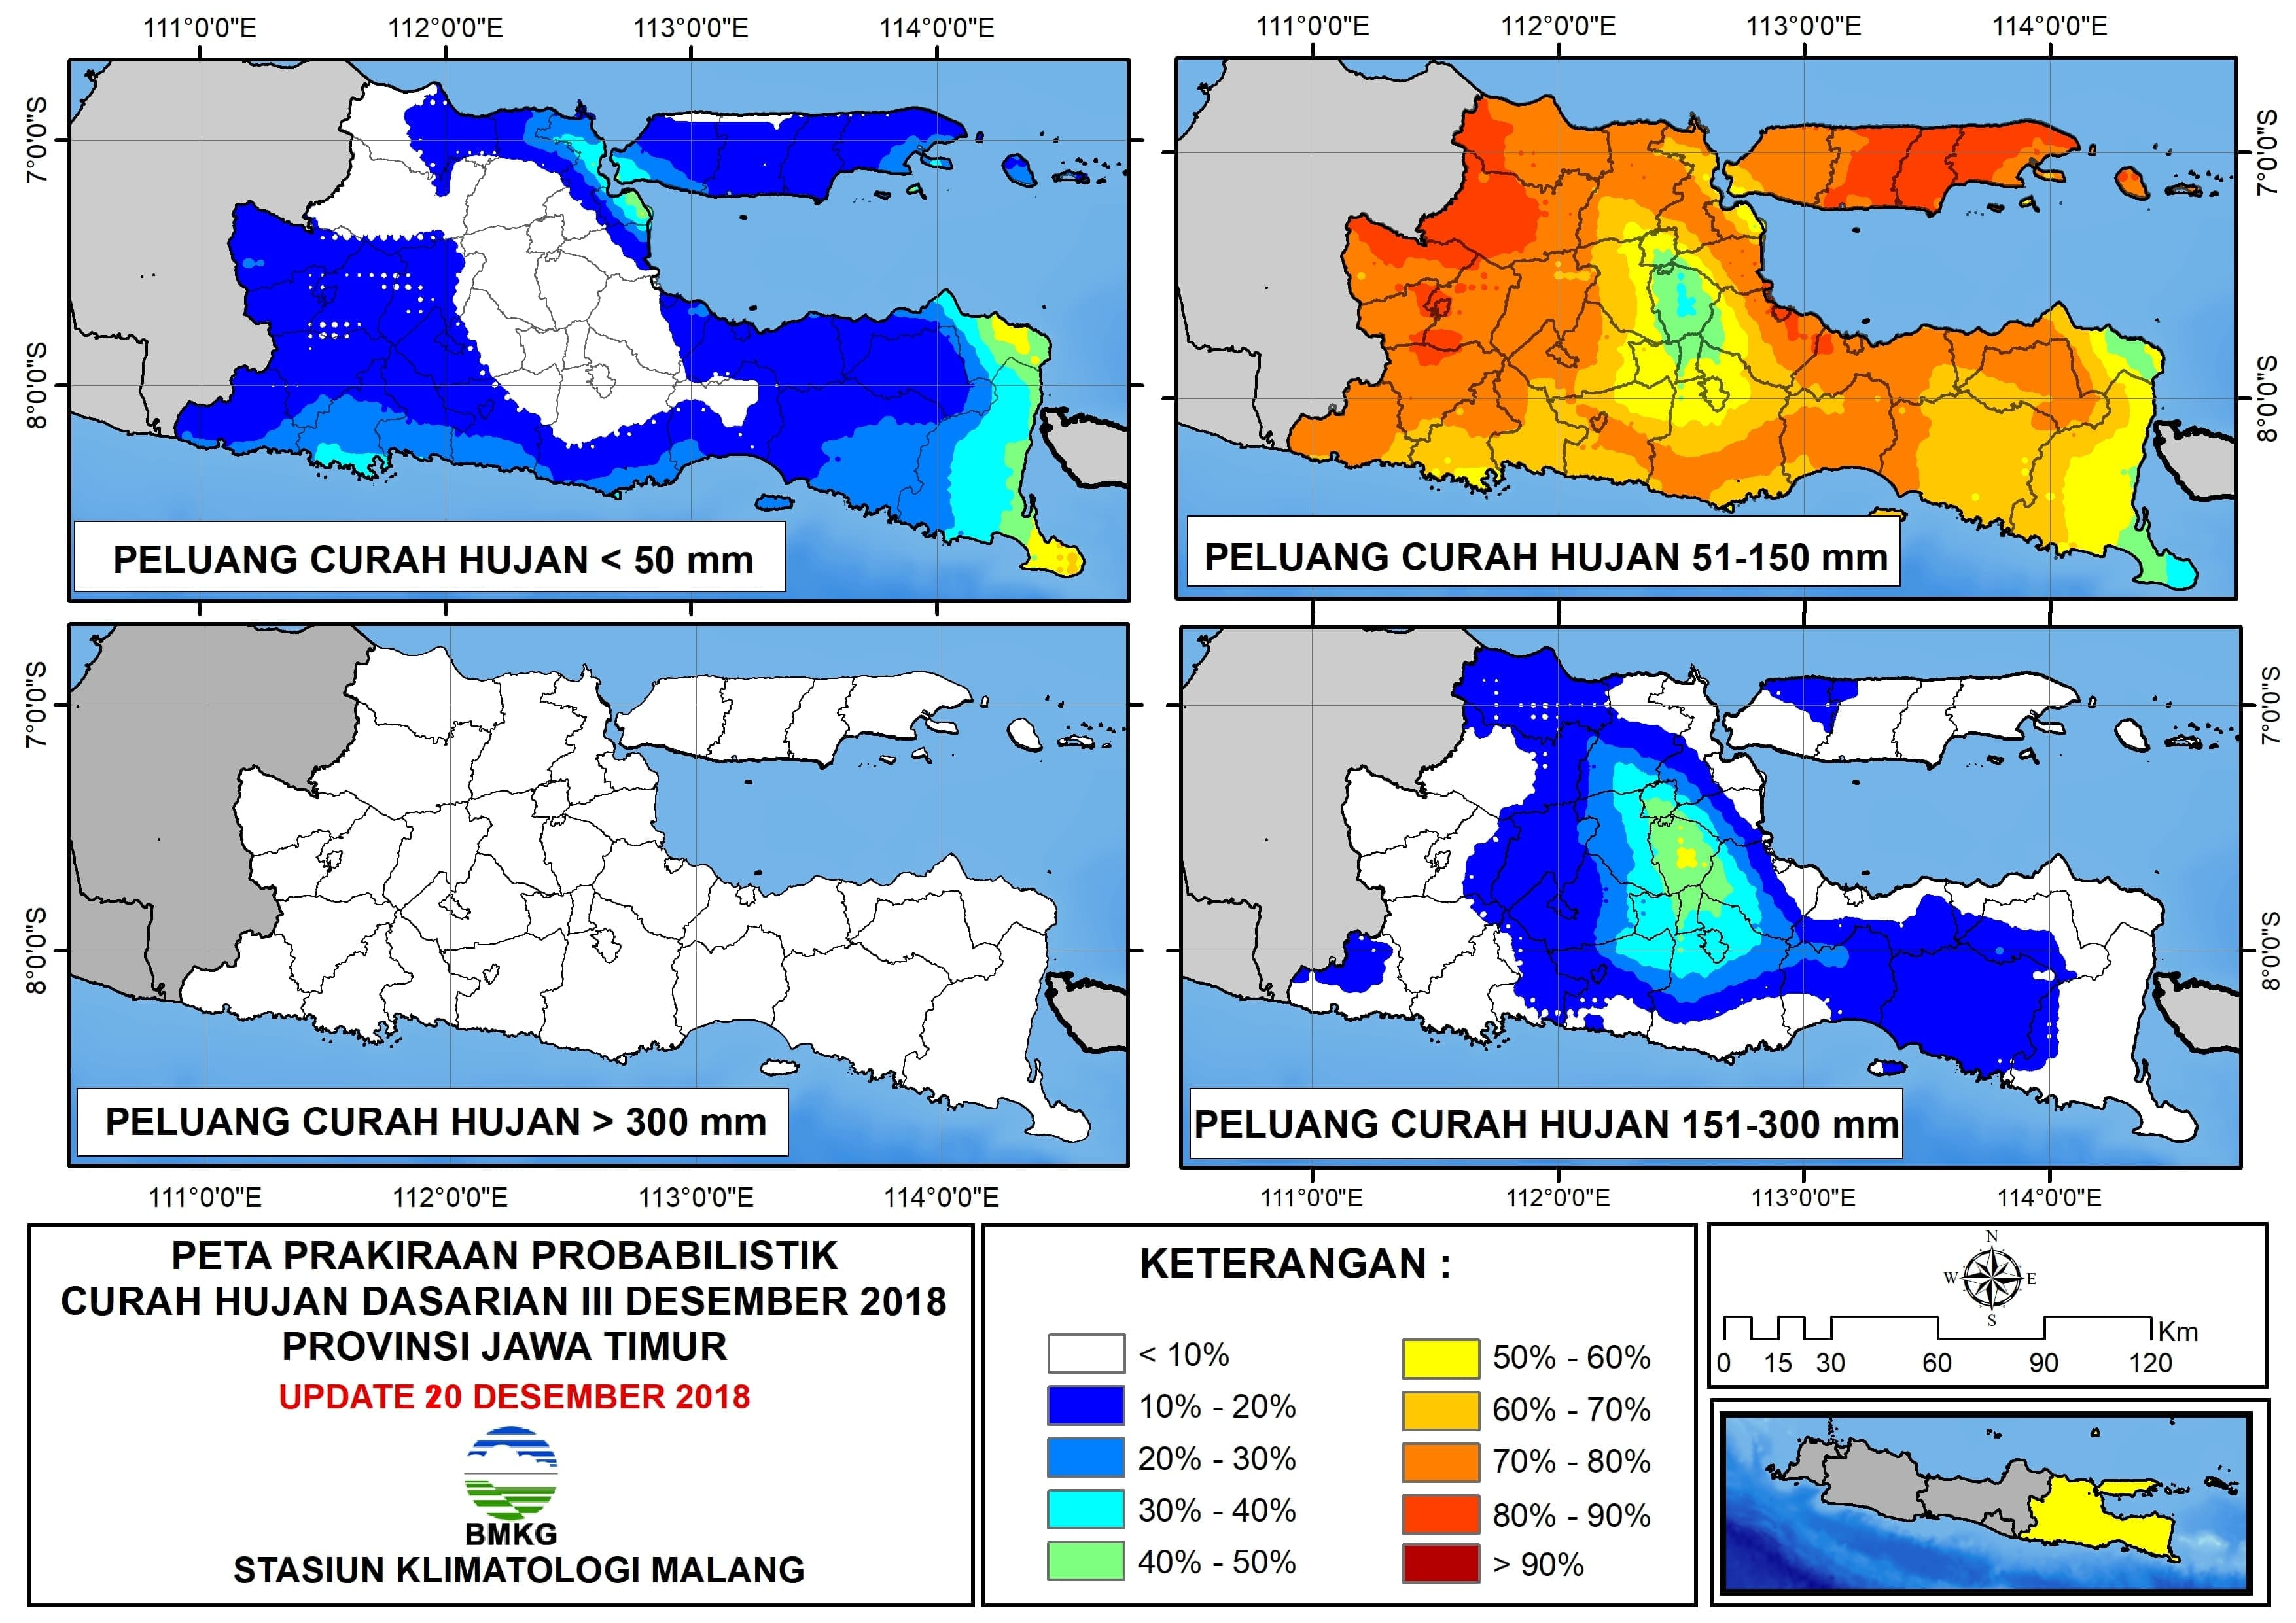 Peta Prakiraan Probabilistik Curah Hujan Dasarian Desember Provinsi Jawa Timur Update 20 Desember 2018